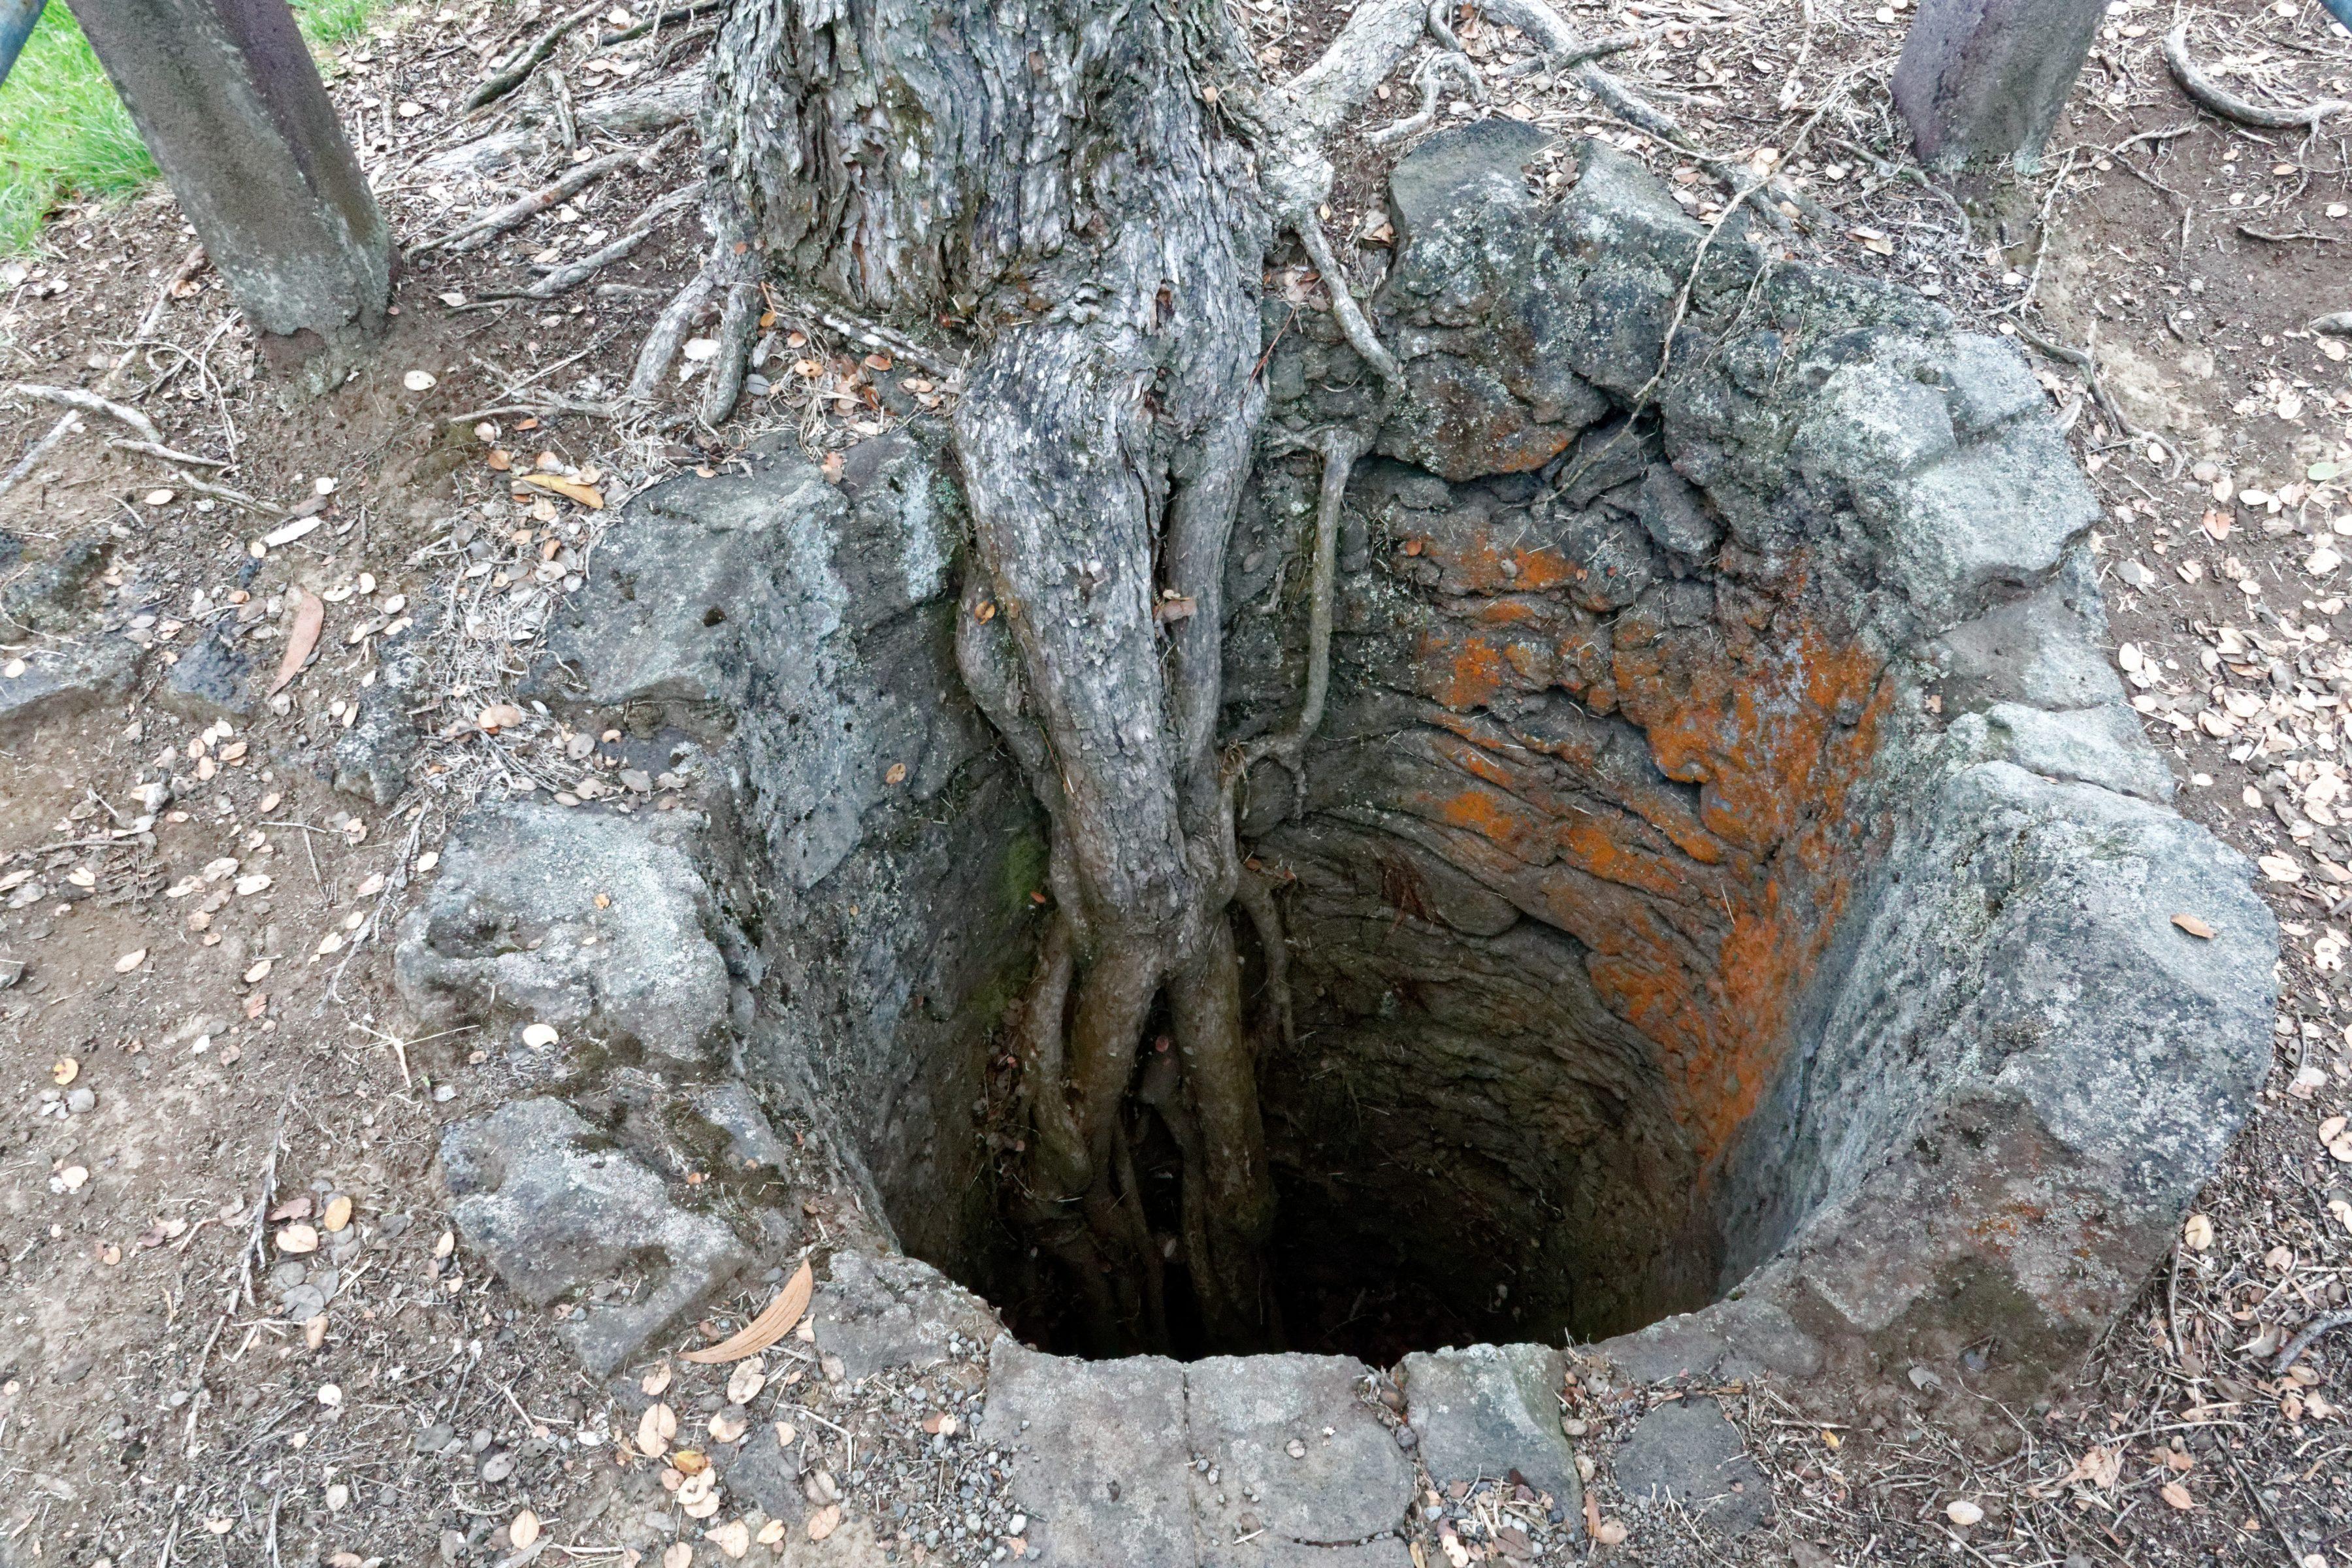 Un tree mold, vestige d'un arbre calciné